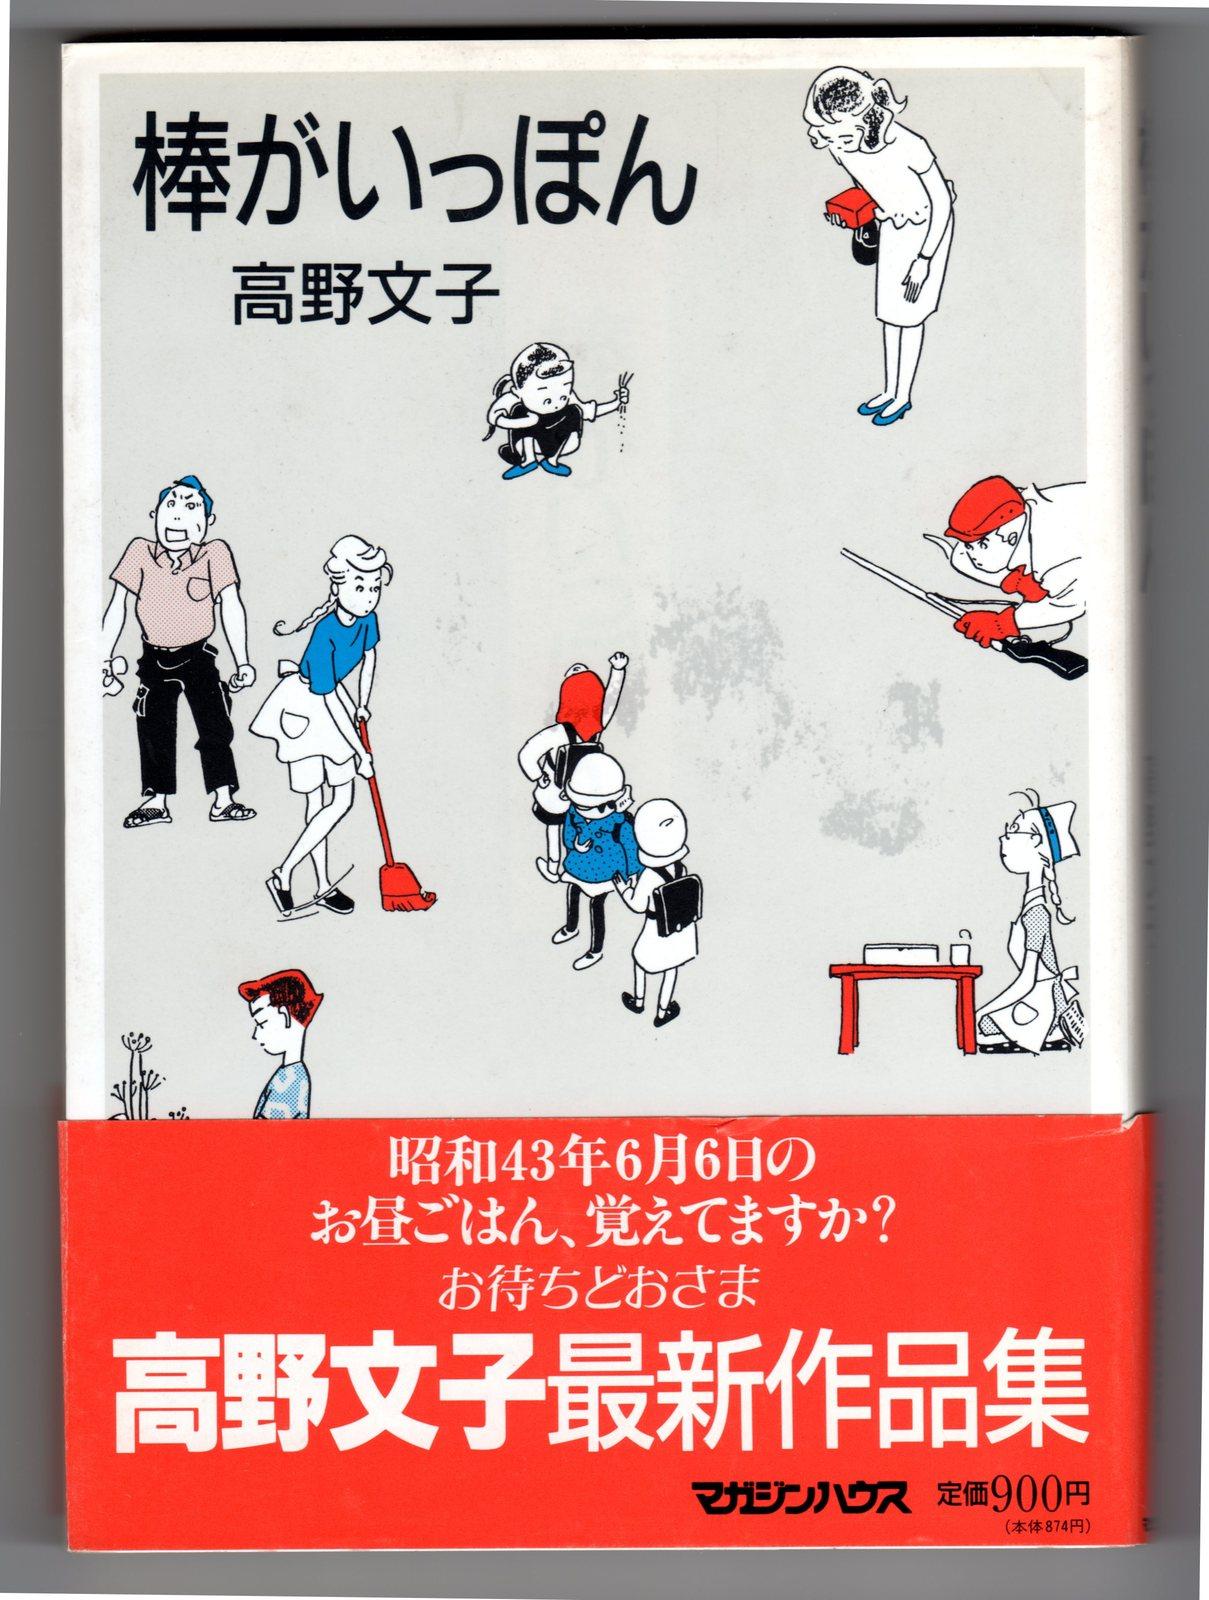 Takano2063_2